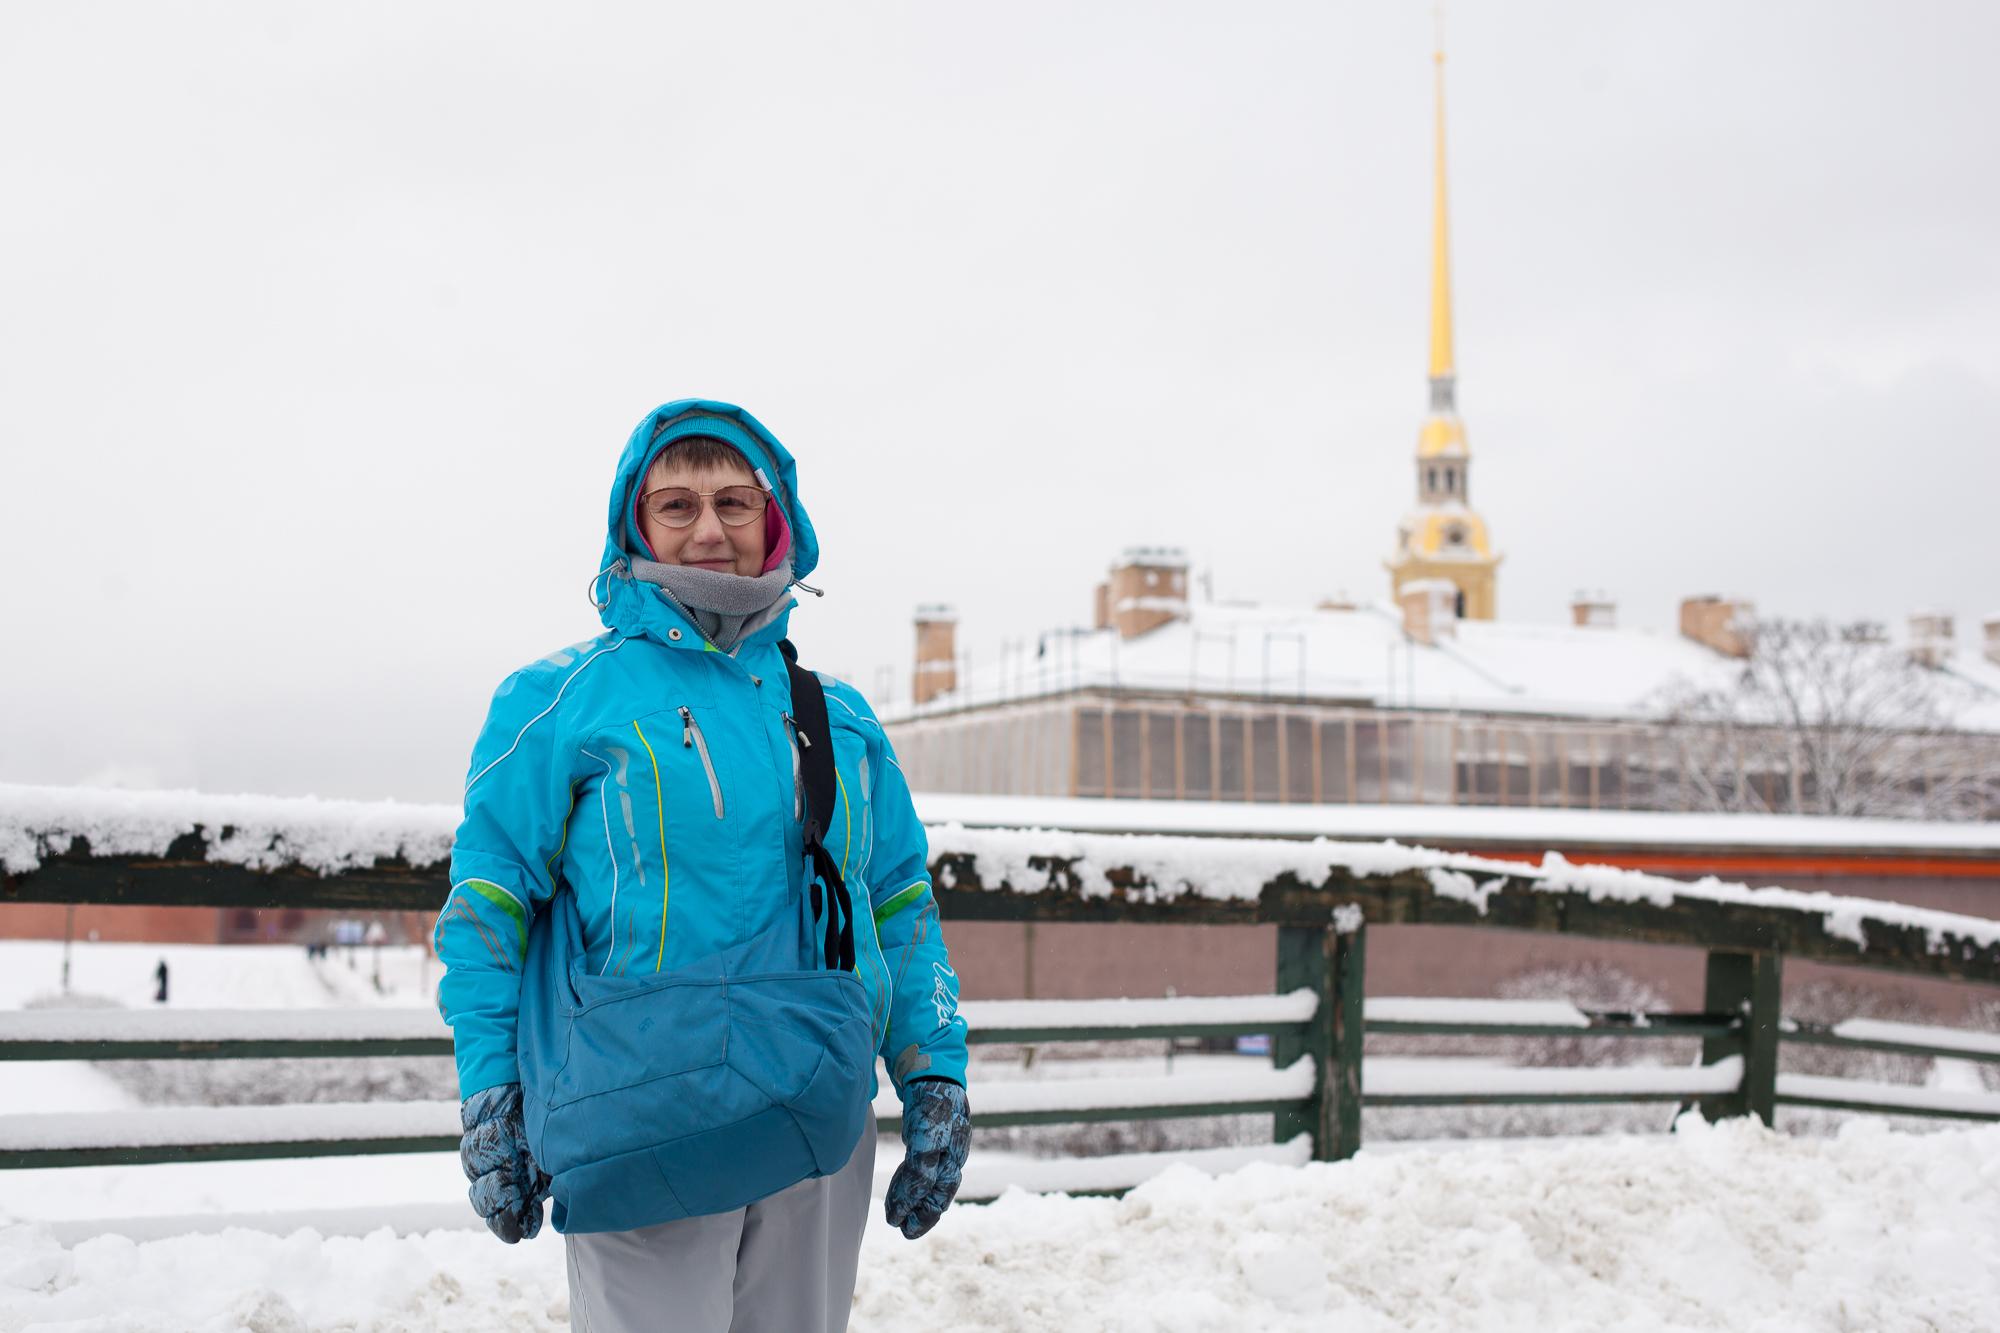 Наталья Владимировна, 54 года, специалист 3-го разряда в управлении судебных приставов